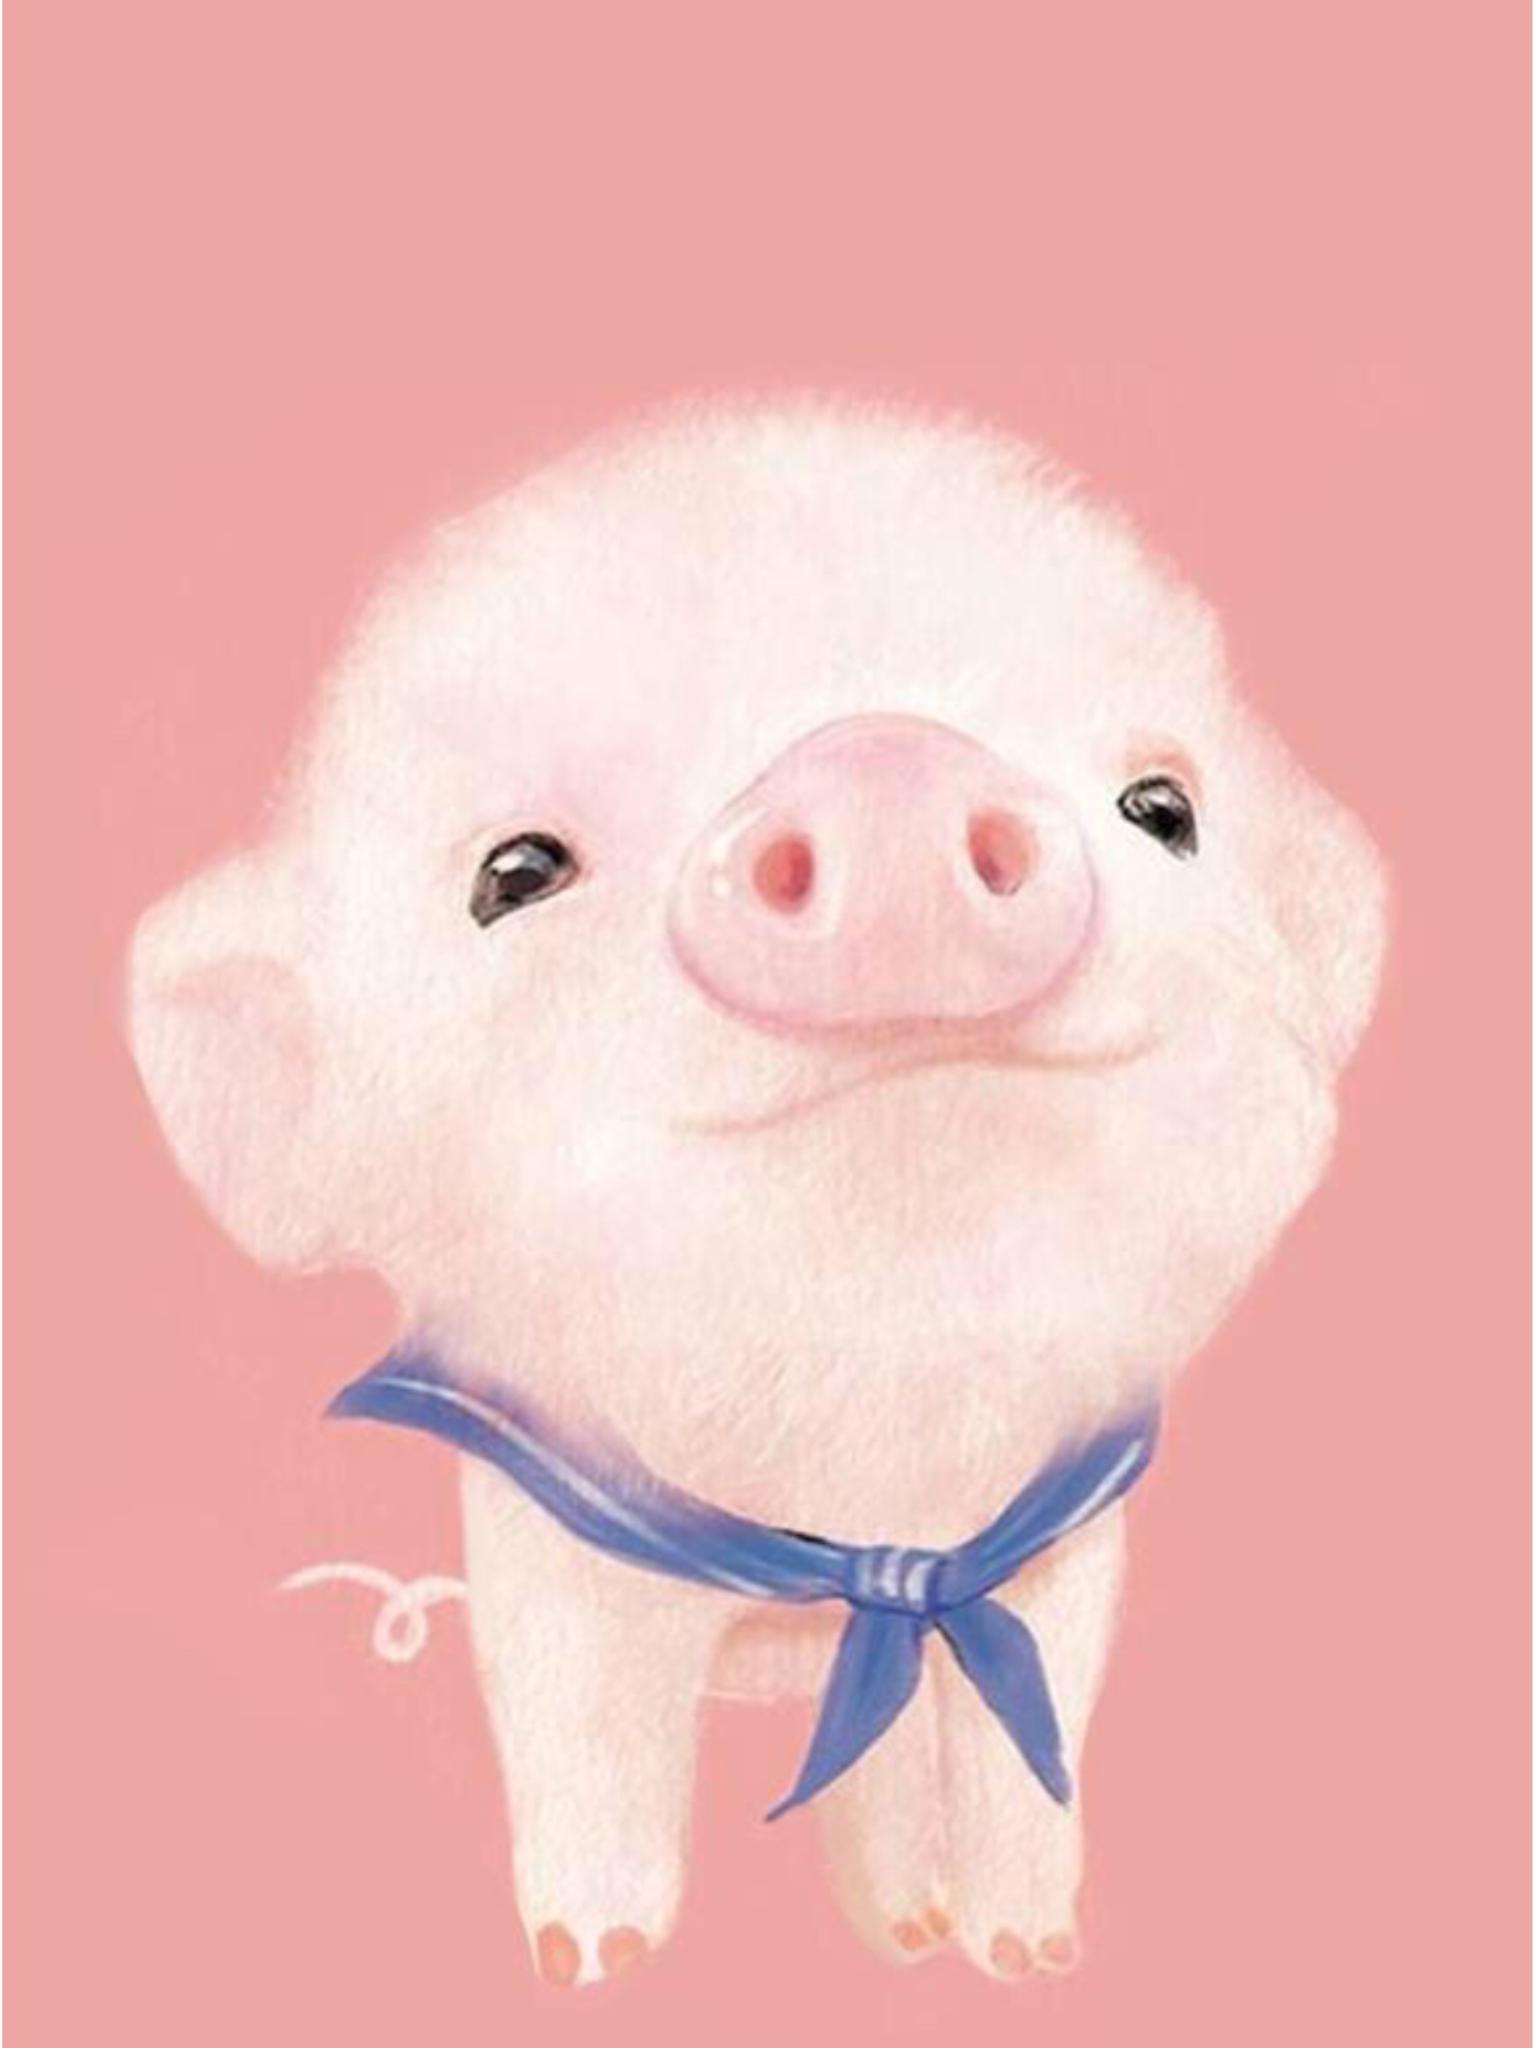 Cute pig wallpaper Wallpapers Pinterest Pig 1536x2048